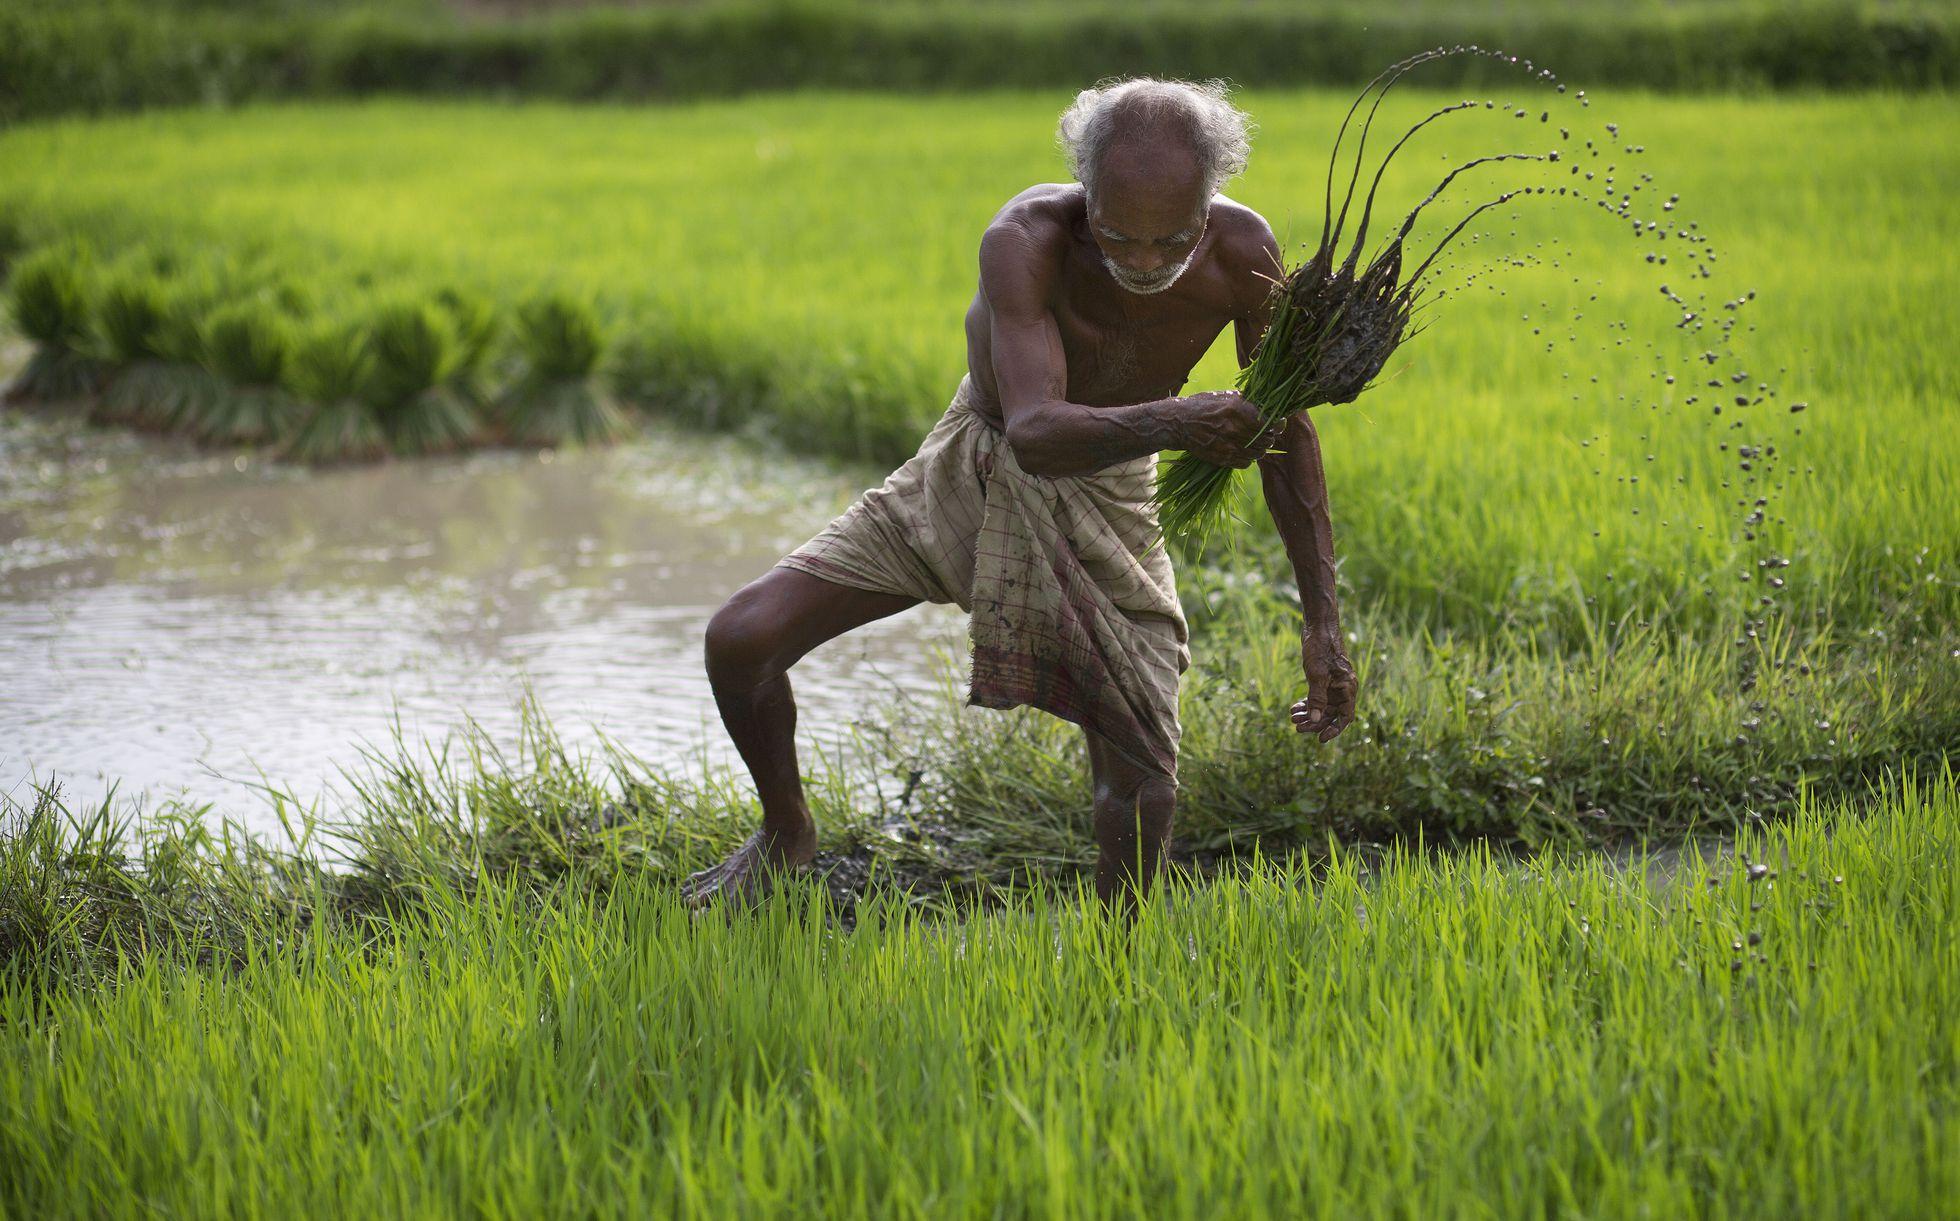 Mundo – Cómo alimentar a la población mundial sin agotar el agua dulce del planeta (El País)